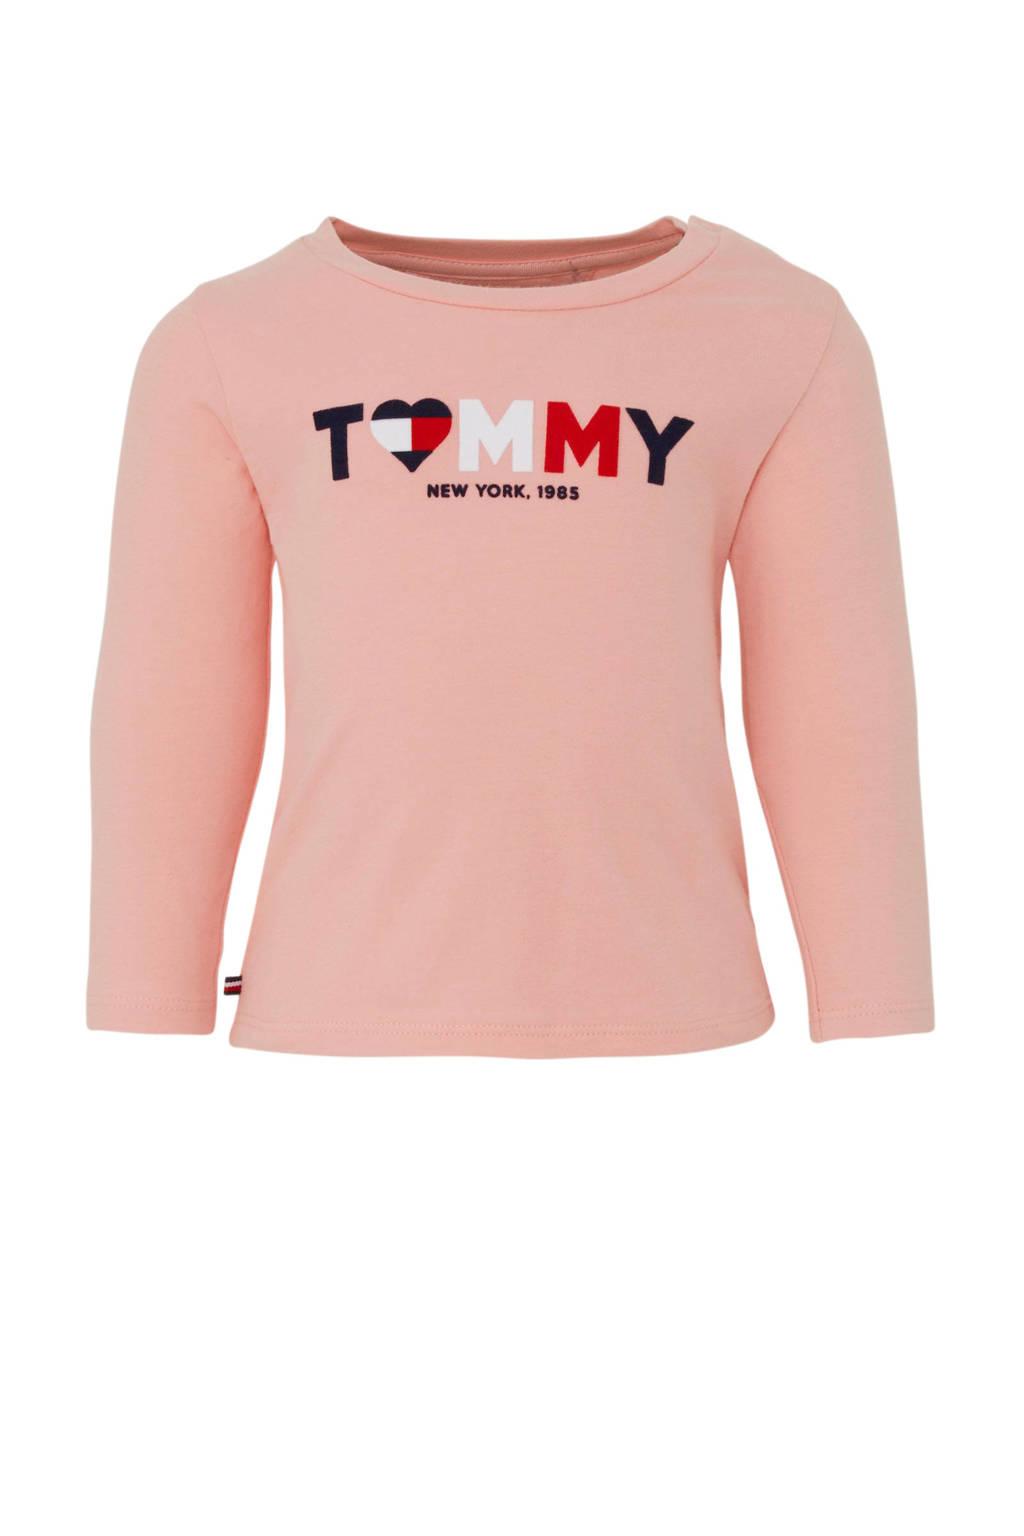 Tommy Hilfiger longsleeve met logo lichtroze, Lichtroze